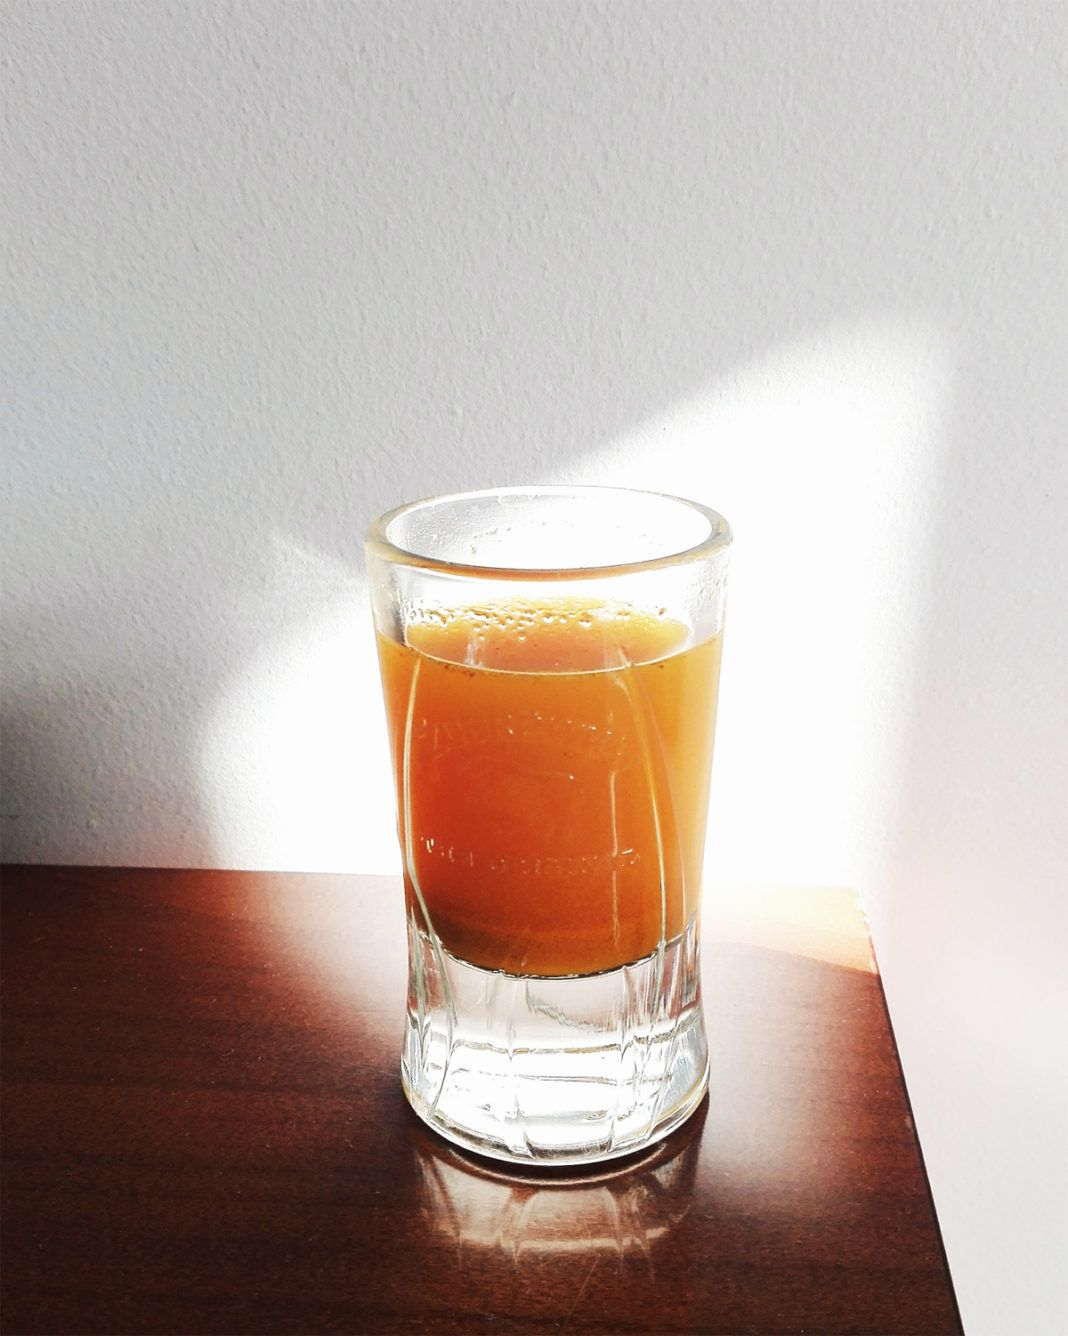 Przepisy na zdrowe napoje przyspieszające metabolizm